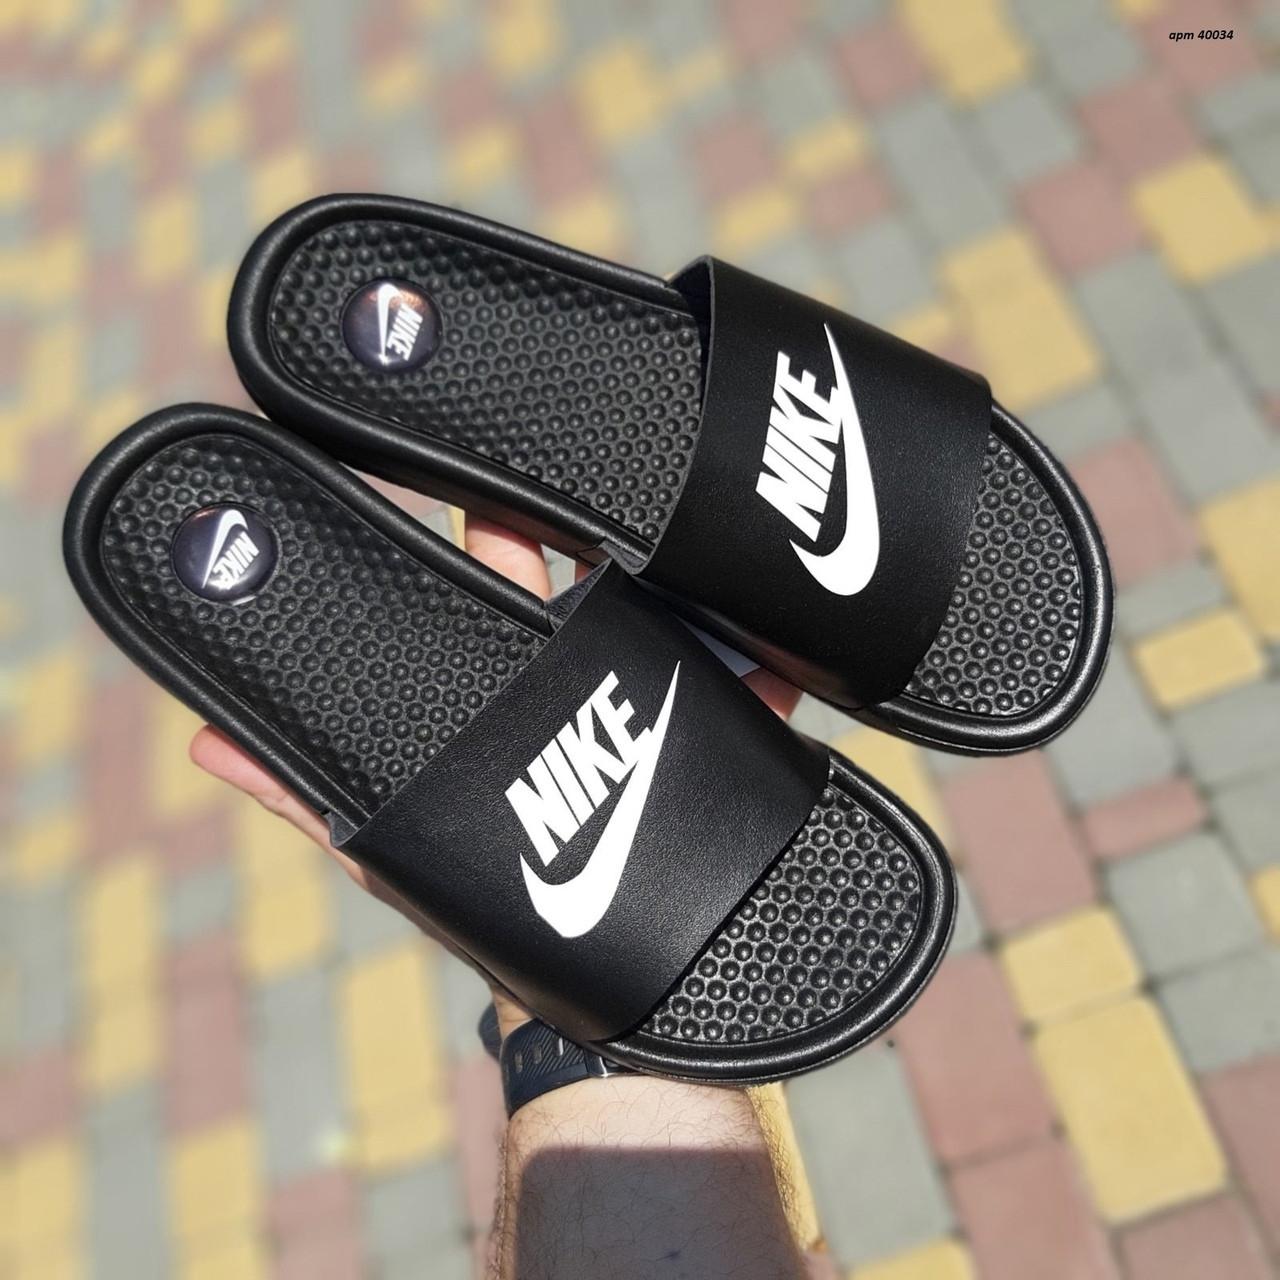 Nike чоловічі літні шкіряні чорні шльопанці. Літні чоловічі шкіряні шльопанці